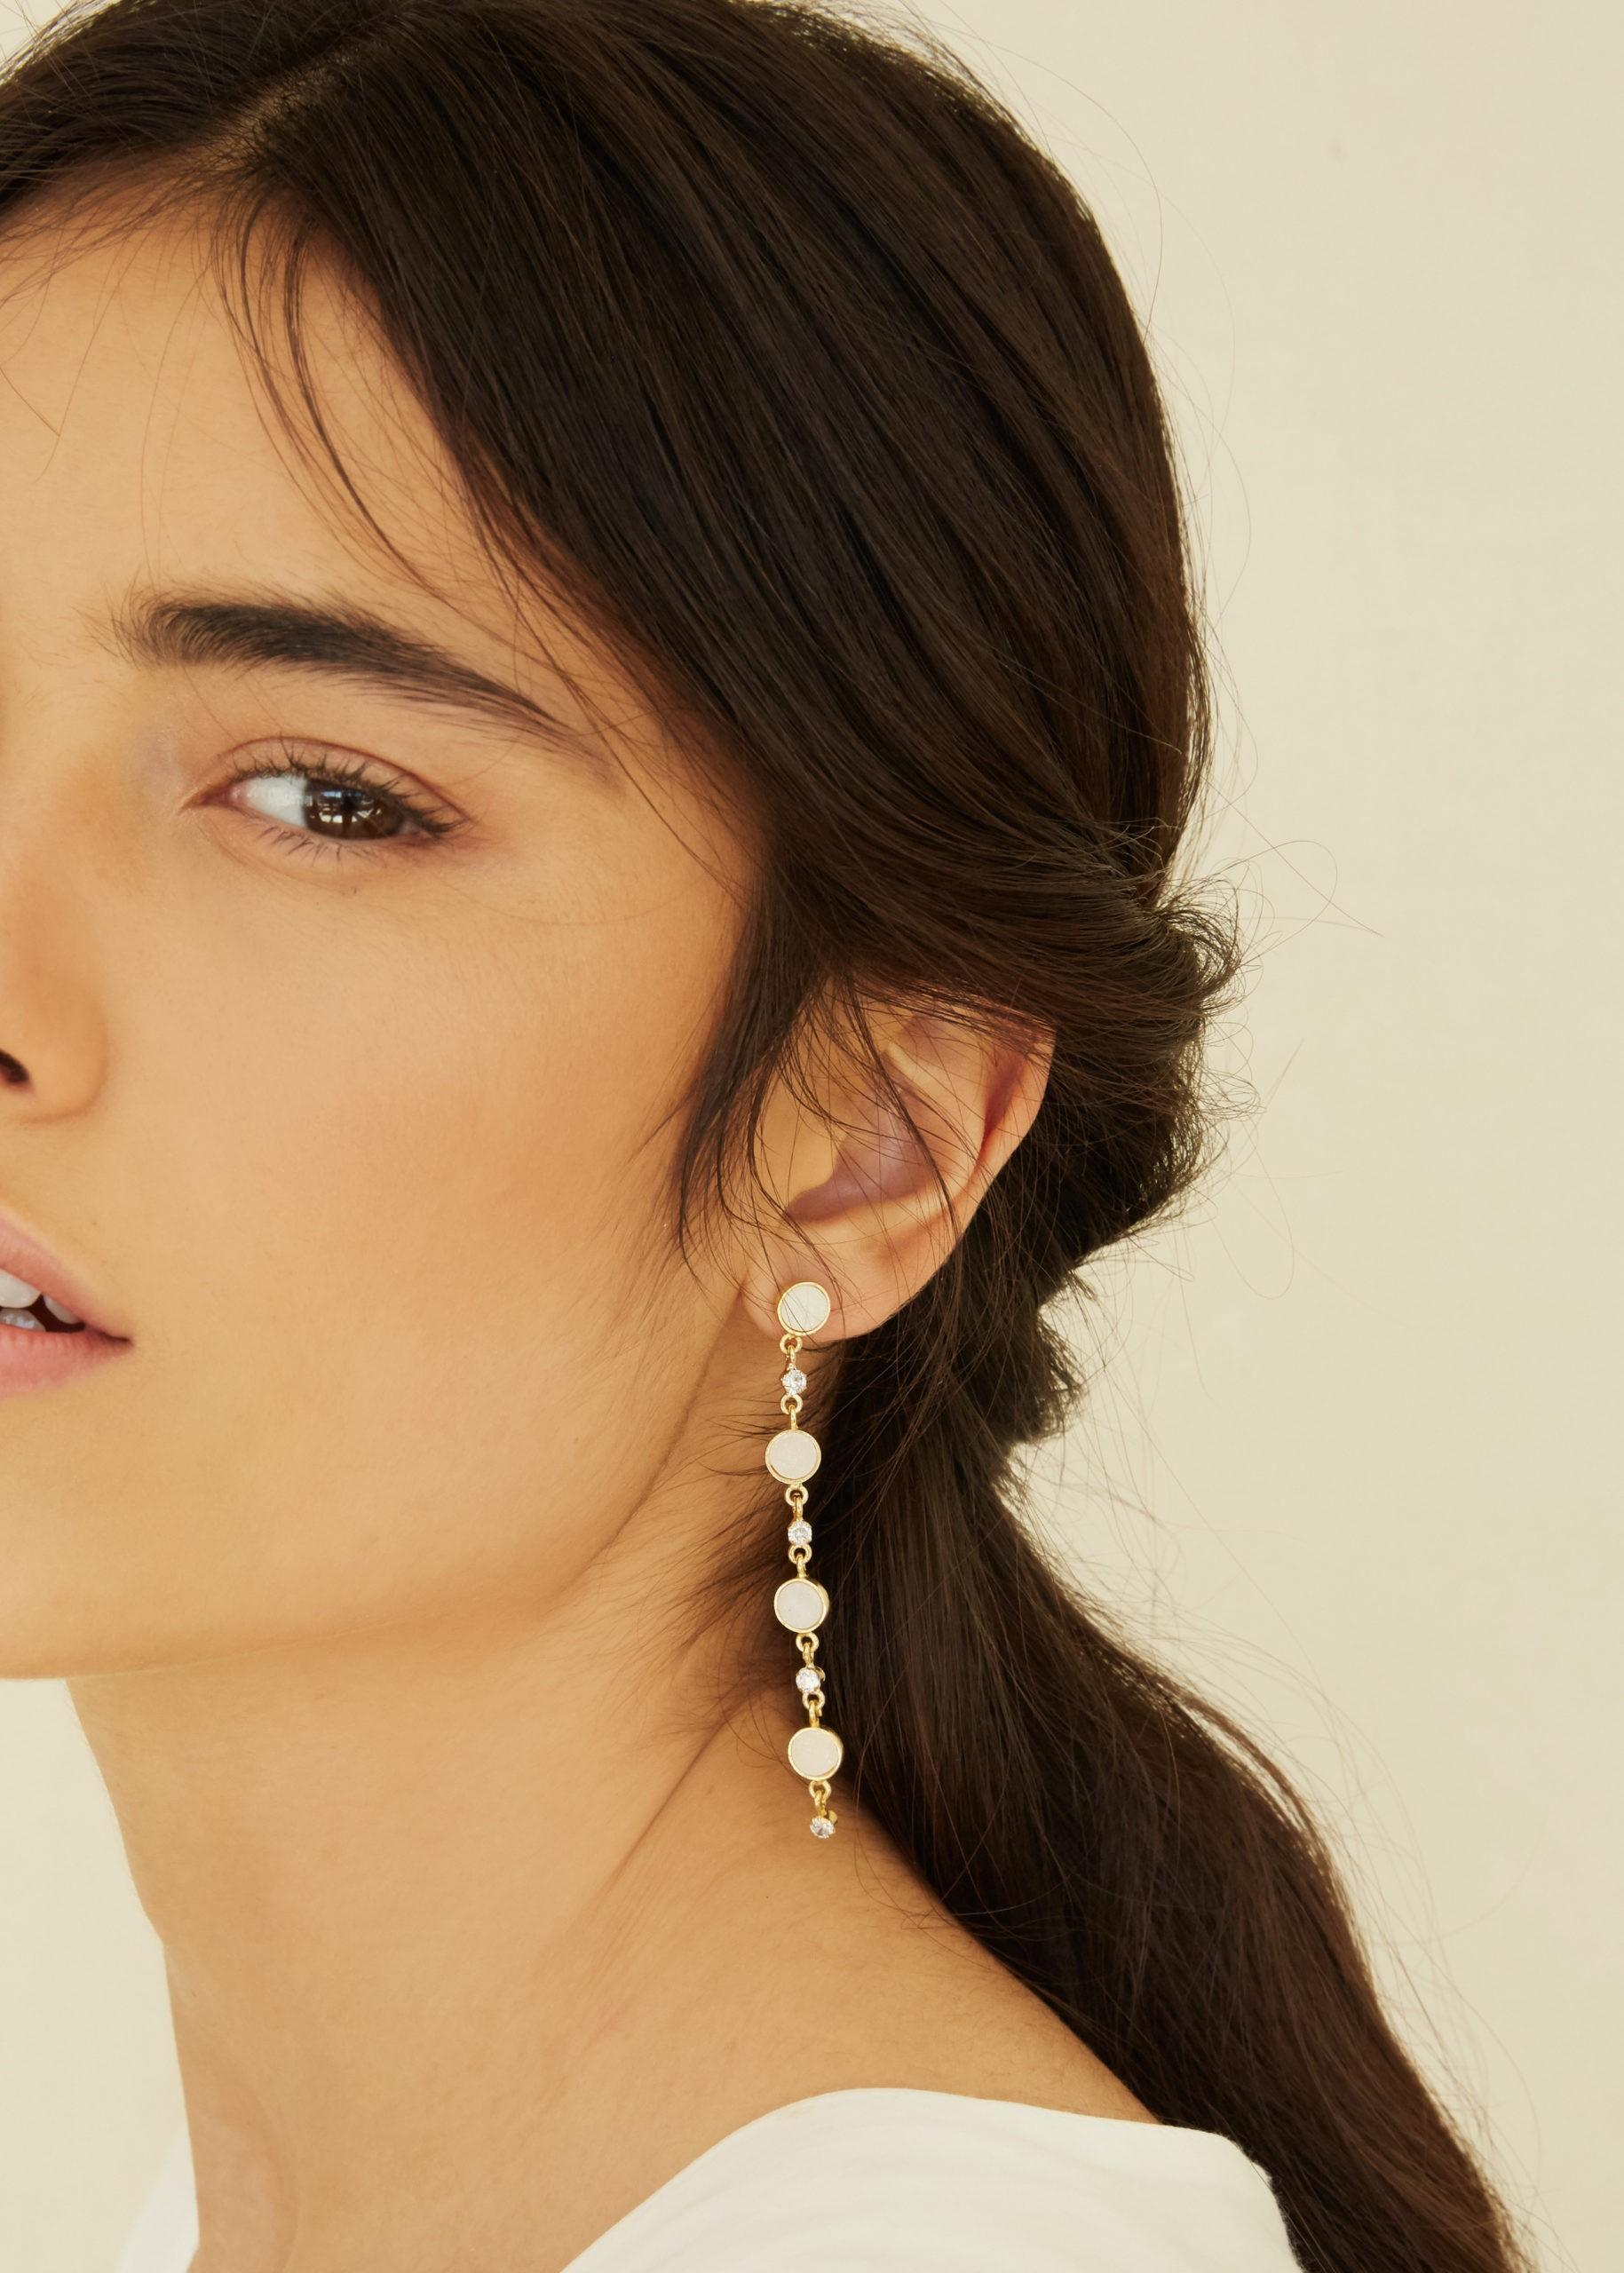 Bijoux accessoires de mariage cheveux boucle d'oreilles pendantes longues perles doré strass chignon coiffure